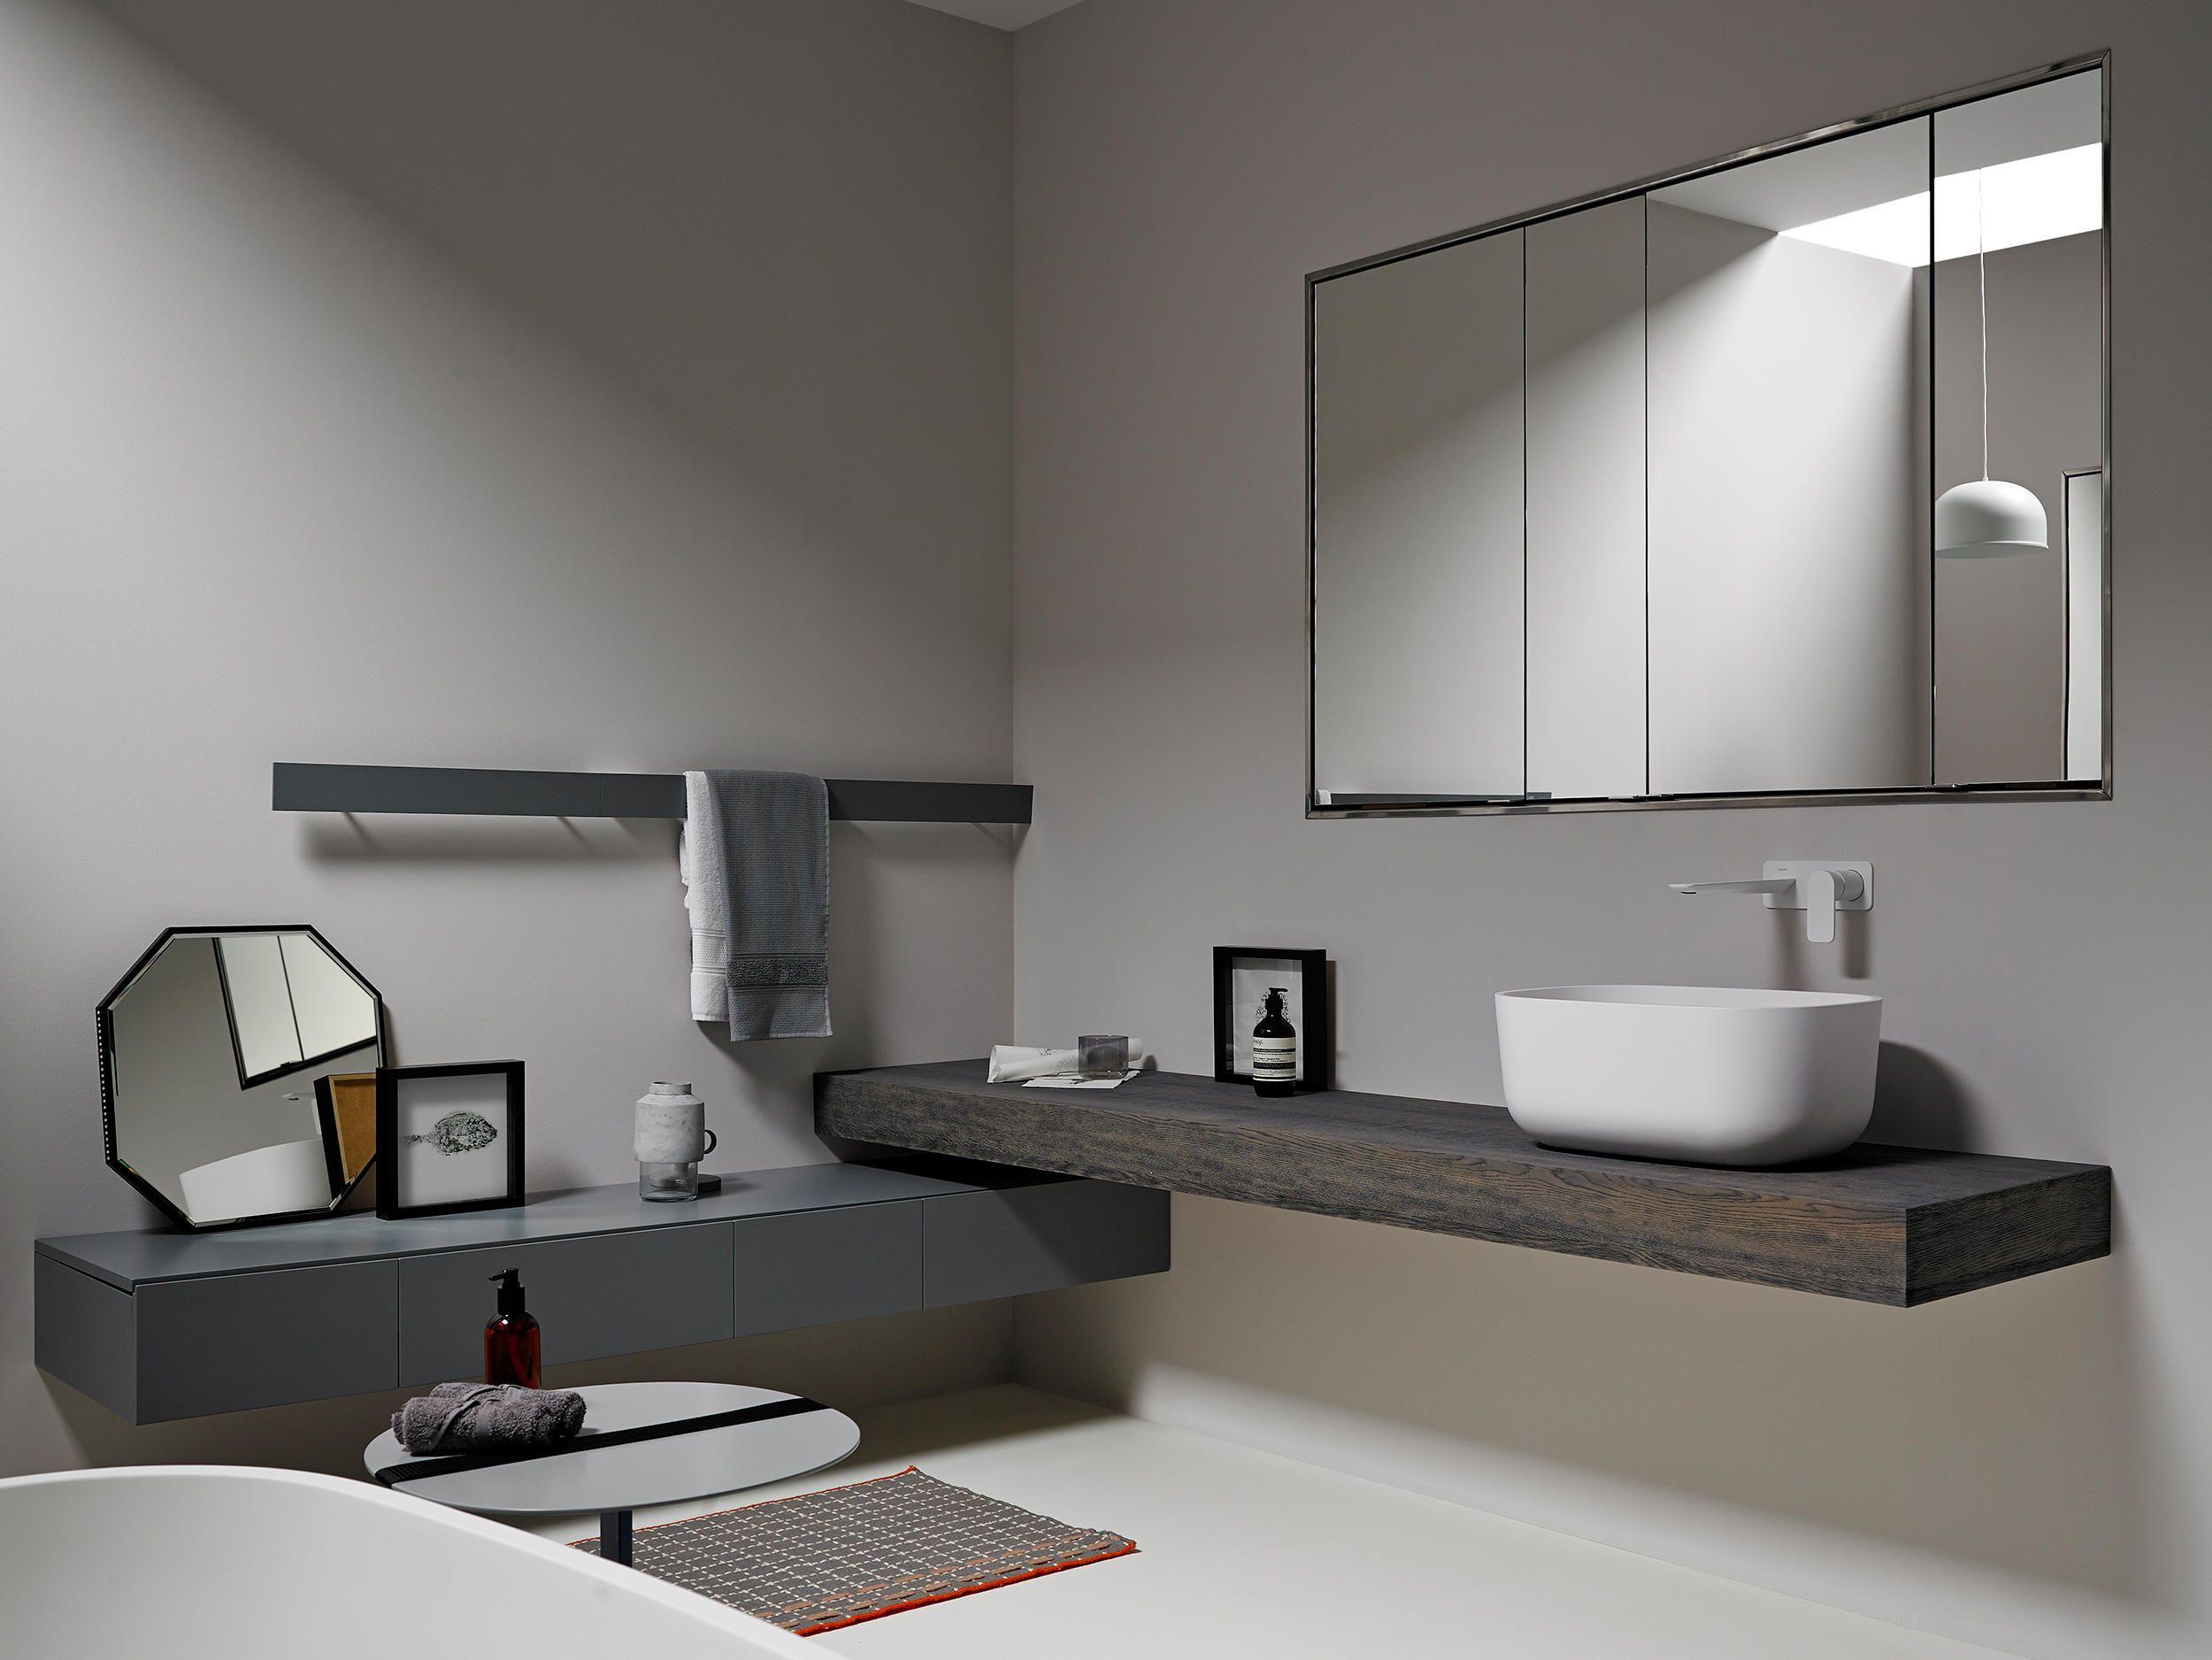 Badezimmer Katalog ~ Die besten badezimmer katalog ideen auf sauberer